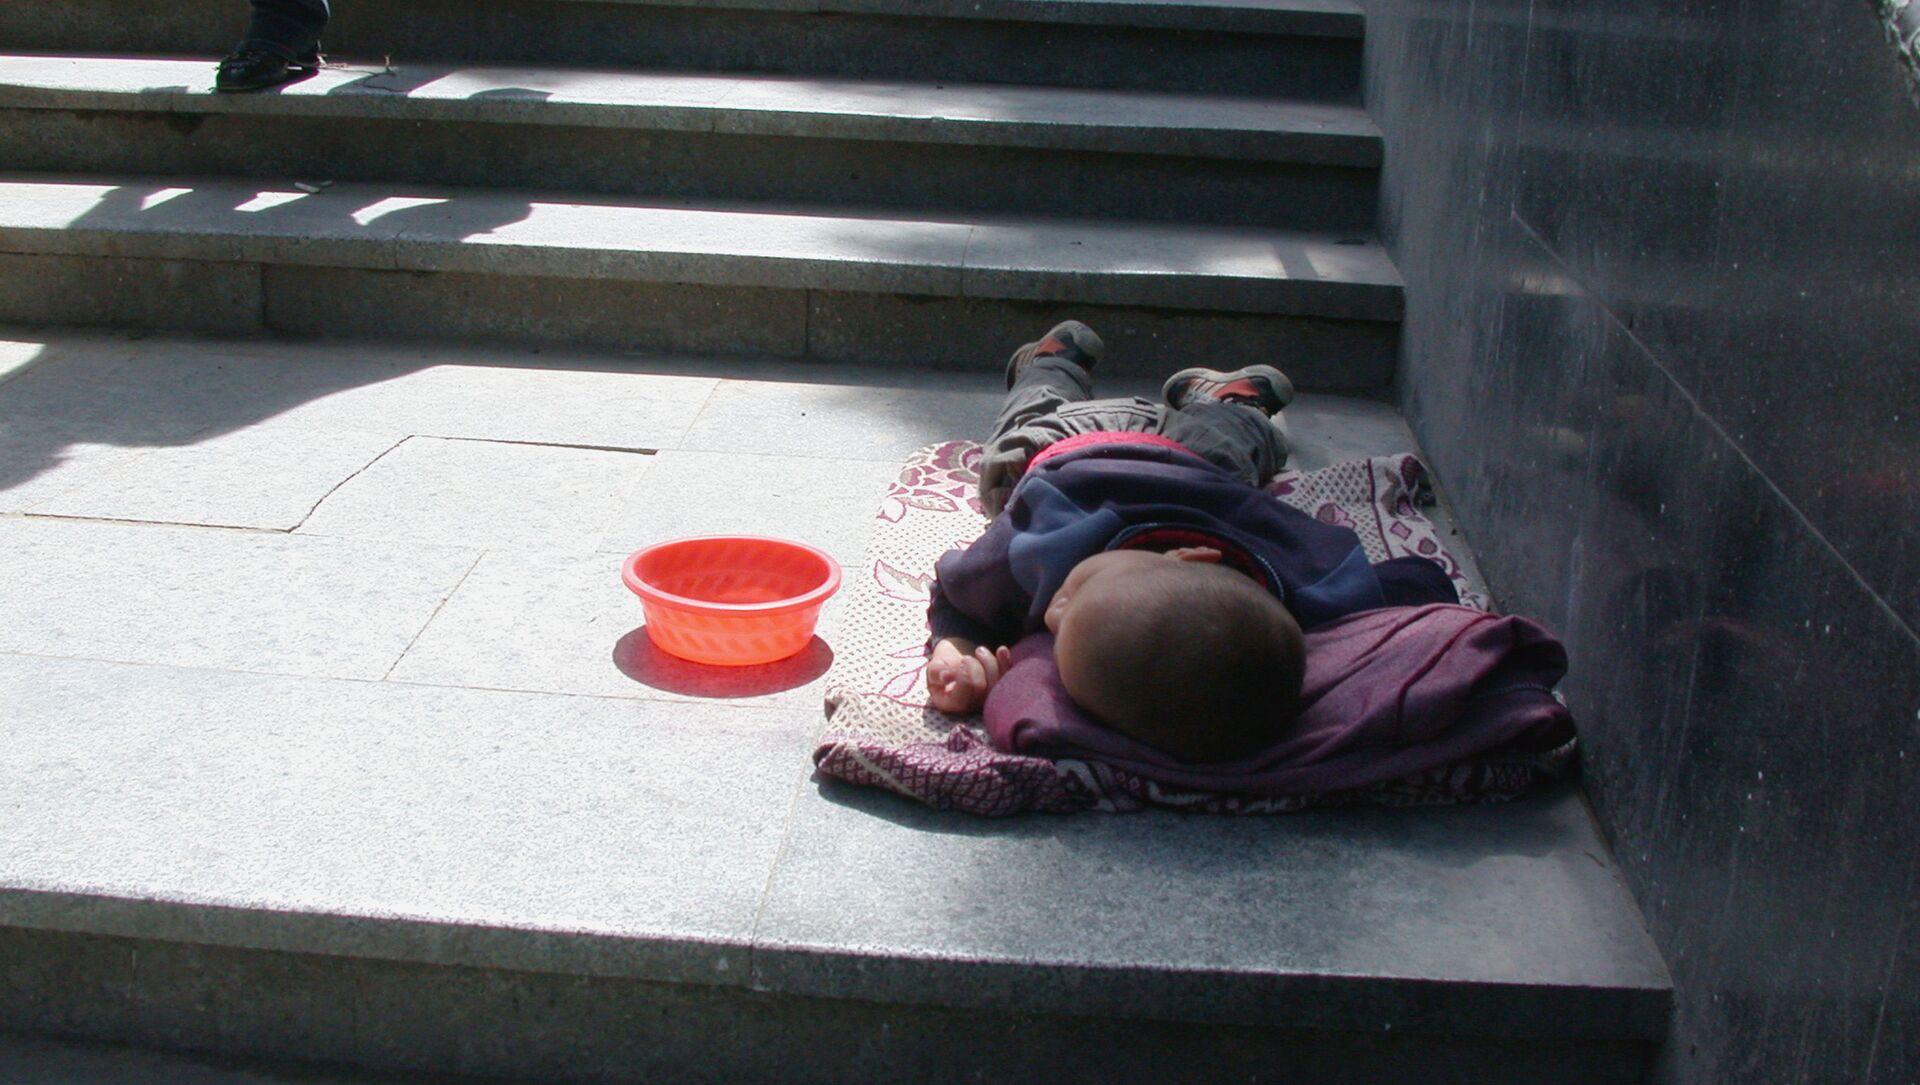 Бездомный ребенок - Sputnik Азербайджан, 1920, 16.04.2021